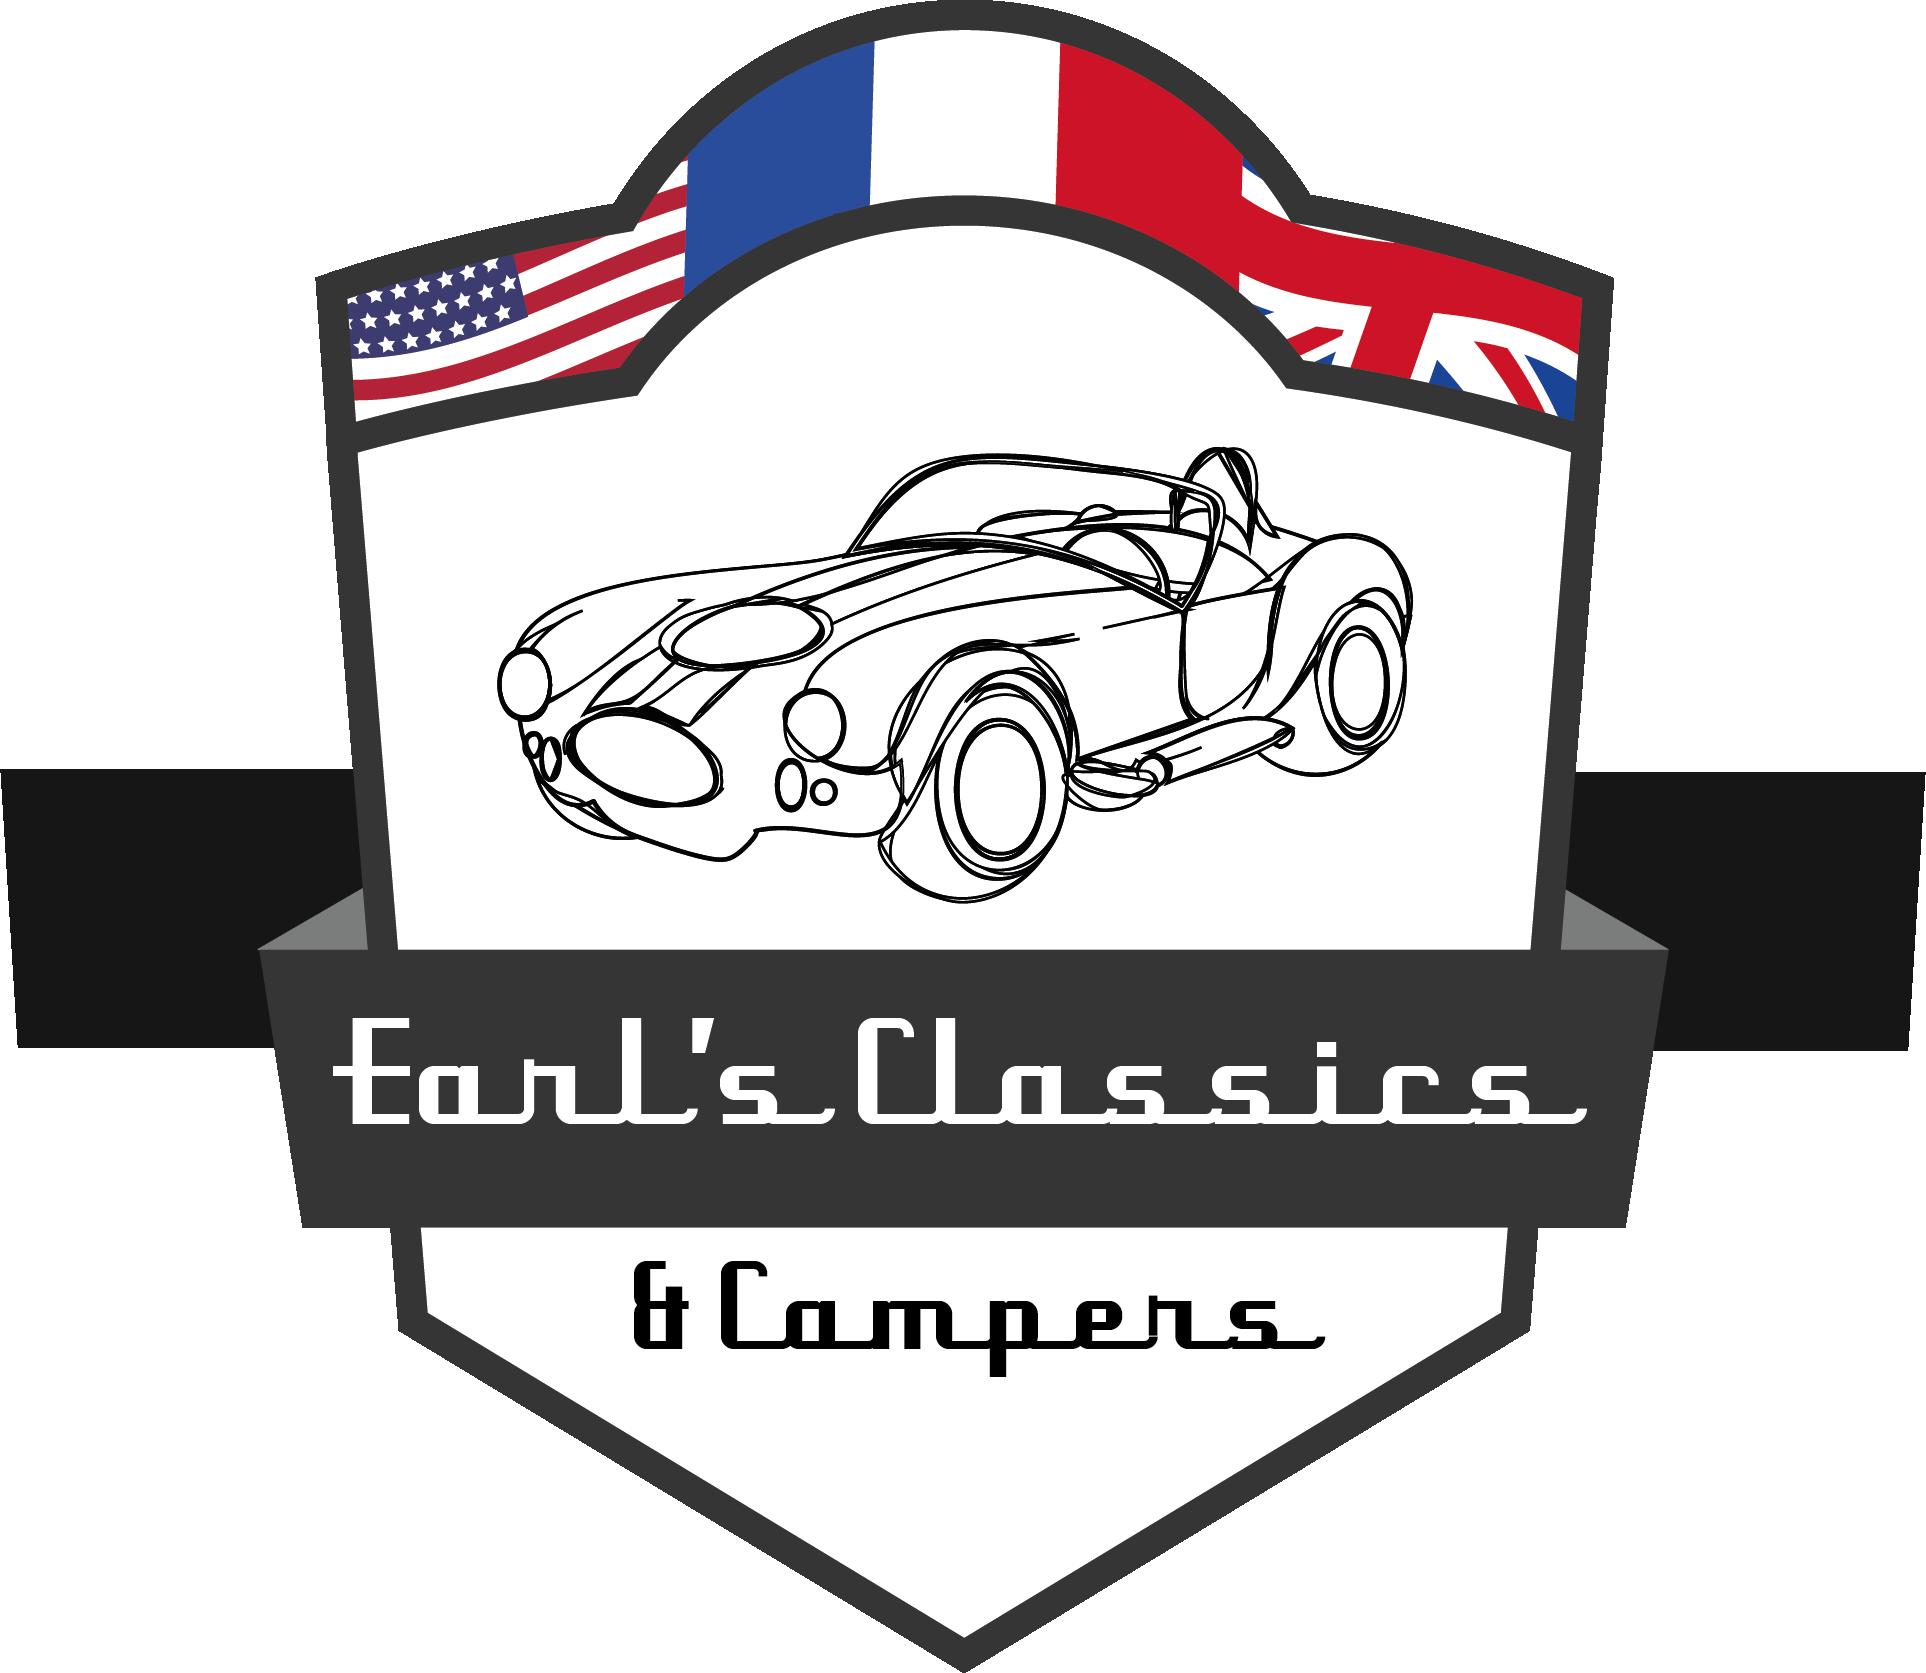 Earl's Classics & Campers